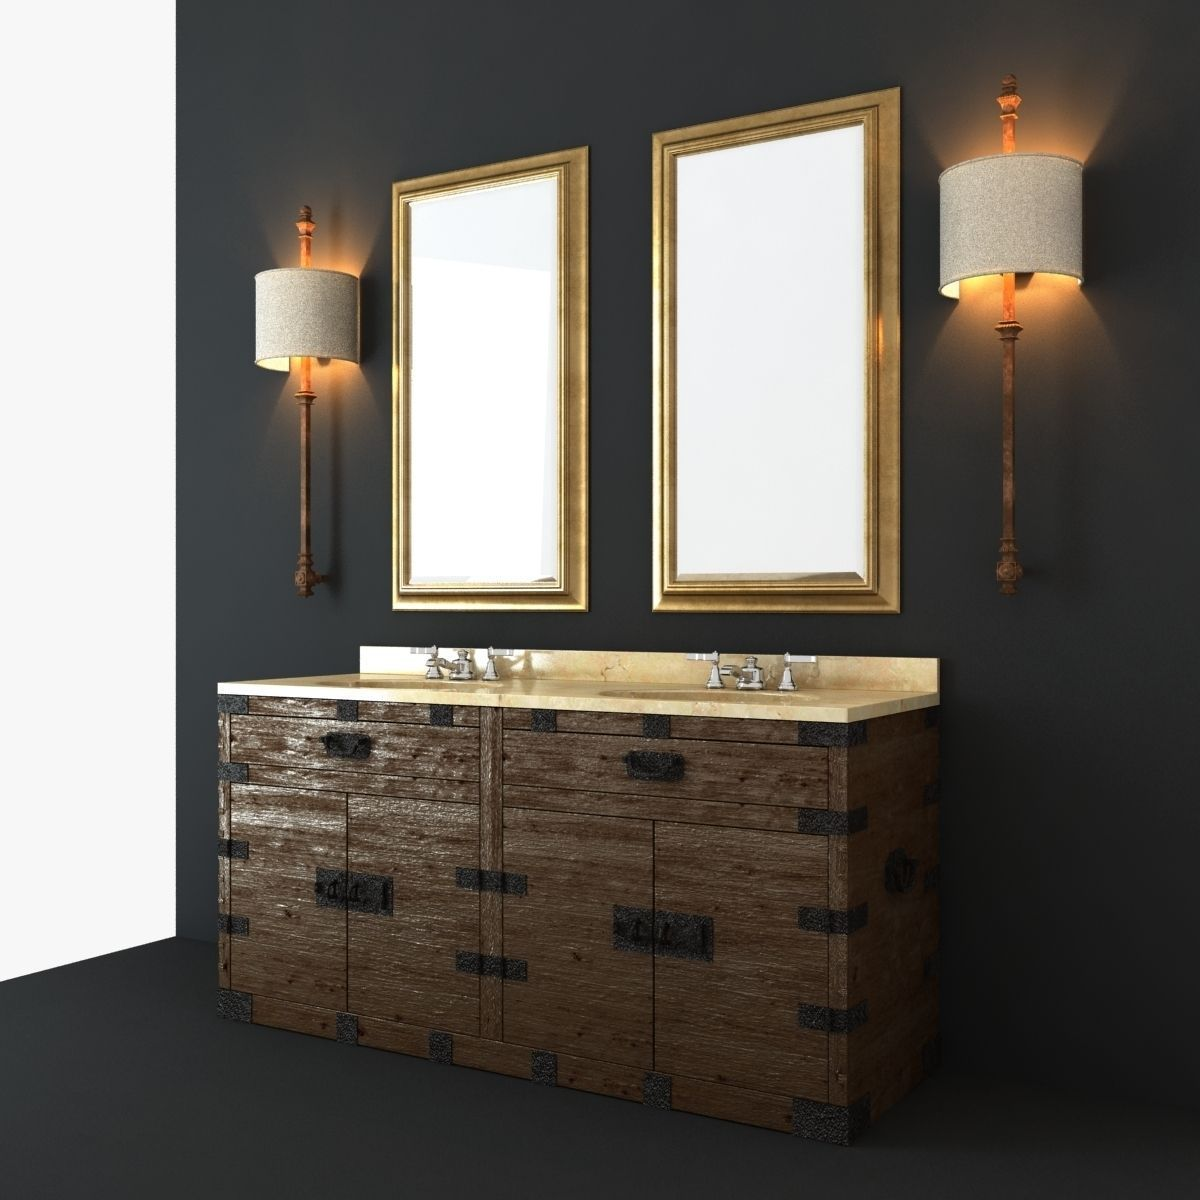 Restoration hardware bathroom furniture set 3d model max for Bathroom restoration